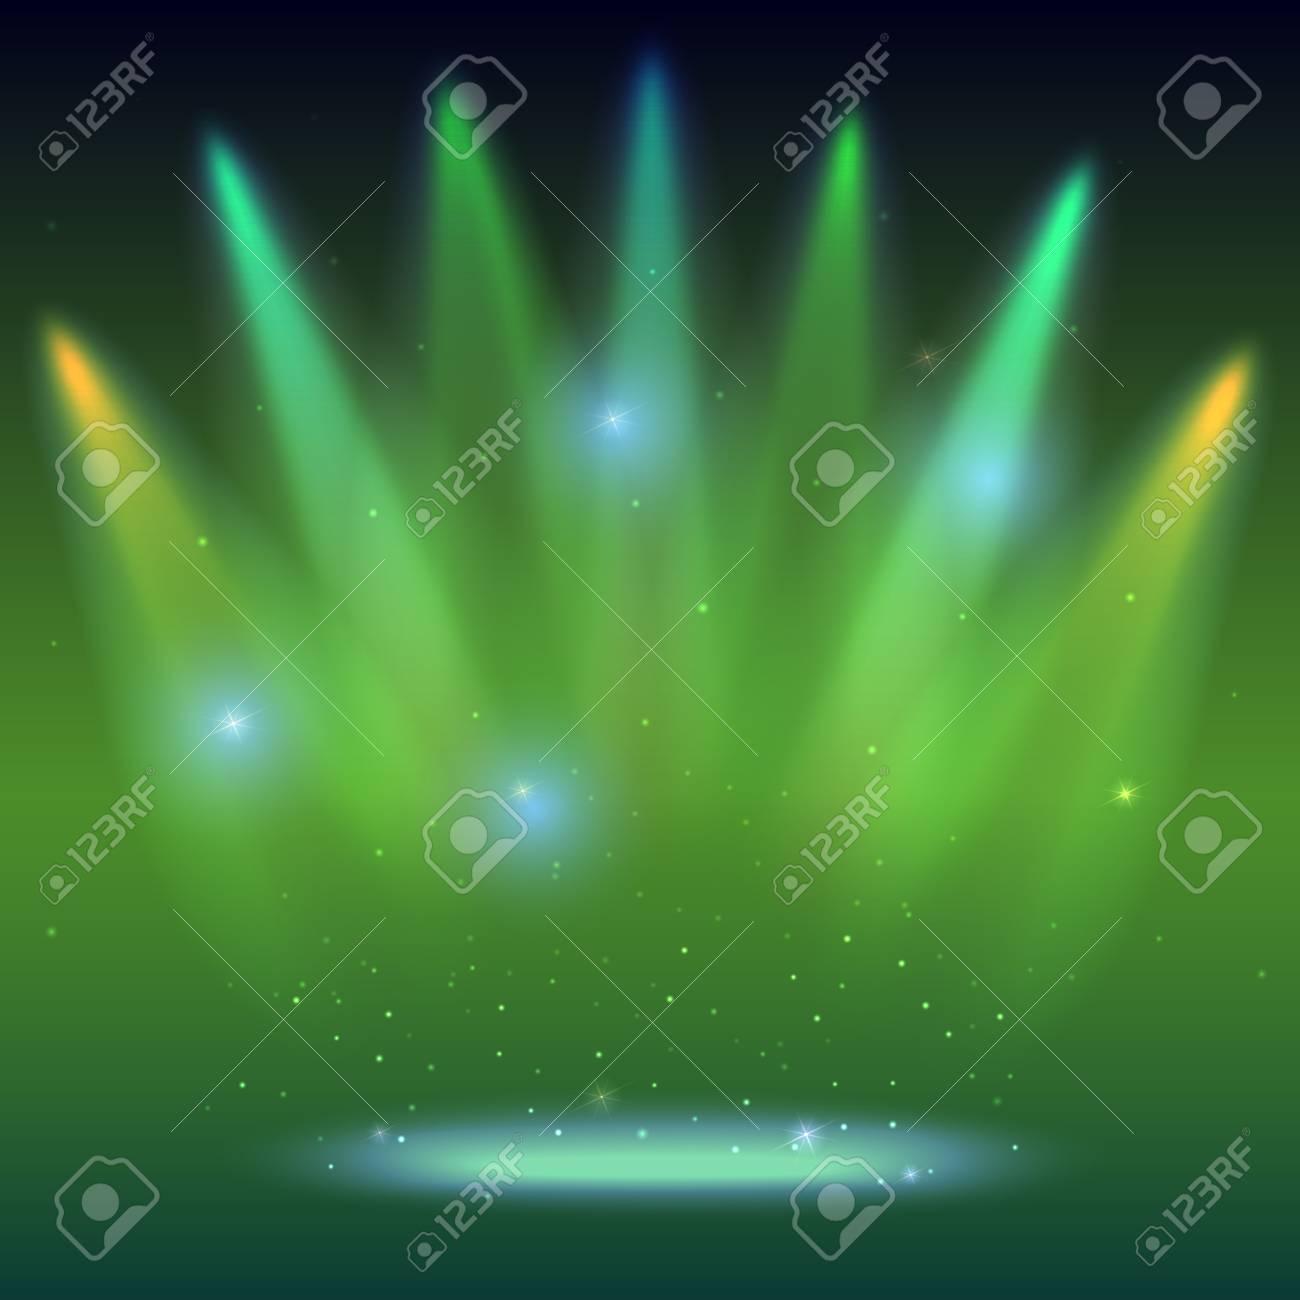 Fondo Con Rayos De Luz De Los Focos De Colores Iluminación